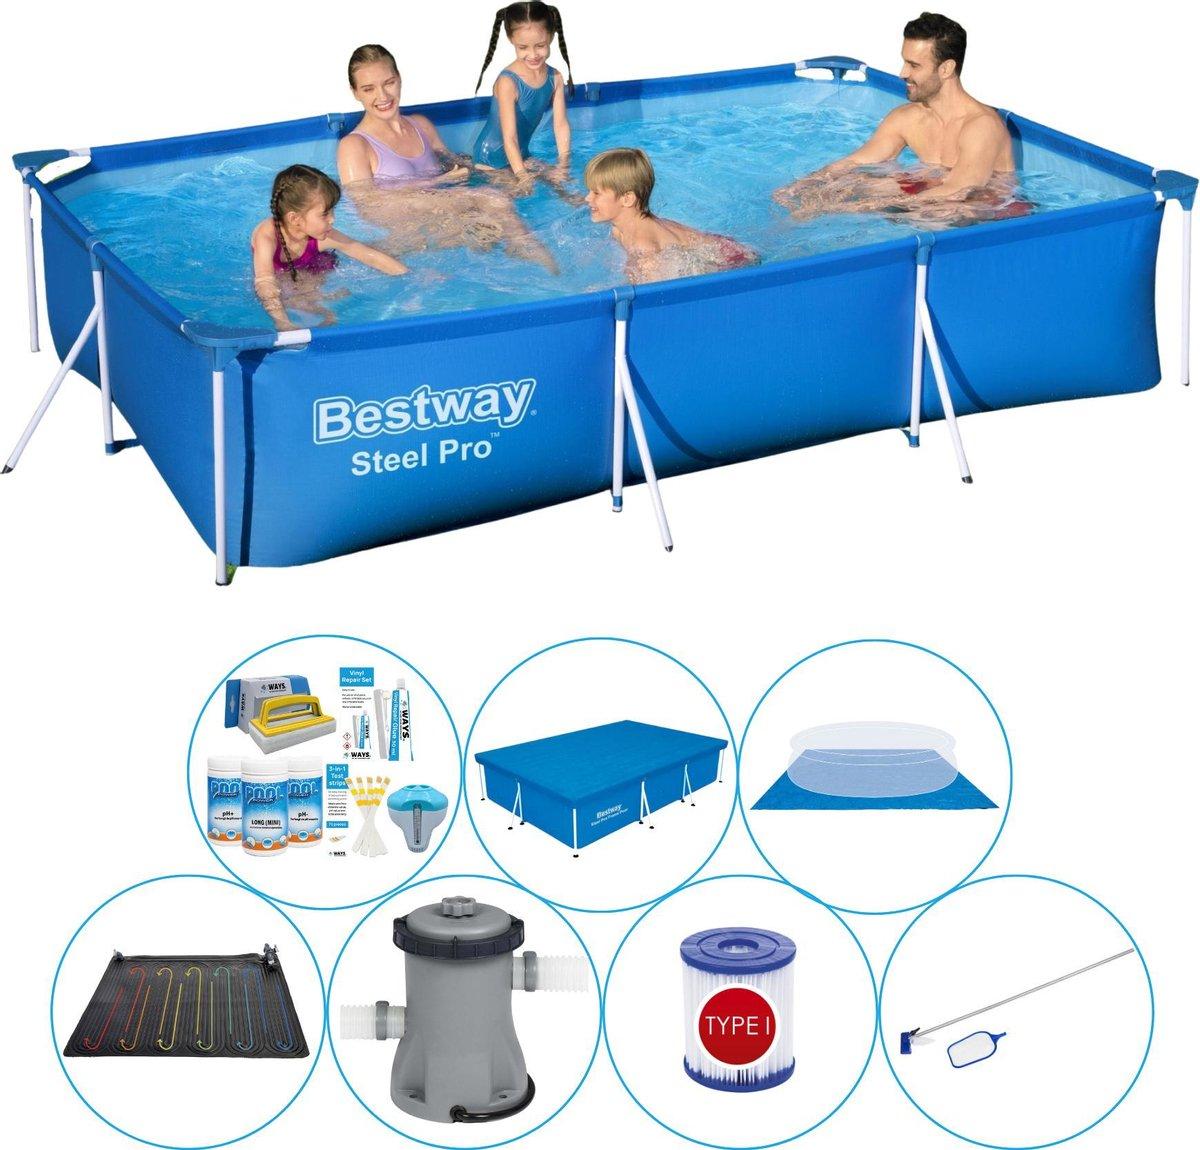 Bestway zwembad - Frame Pool - Voordeel zwembadpakket - 300 x 200 x 66 cm